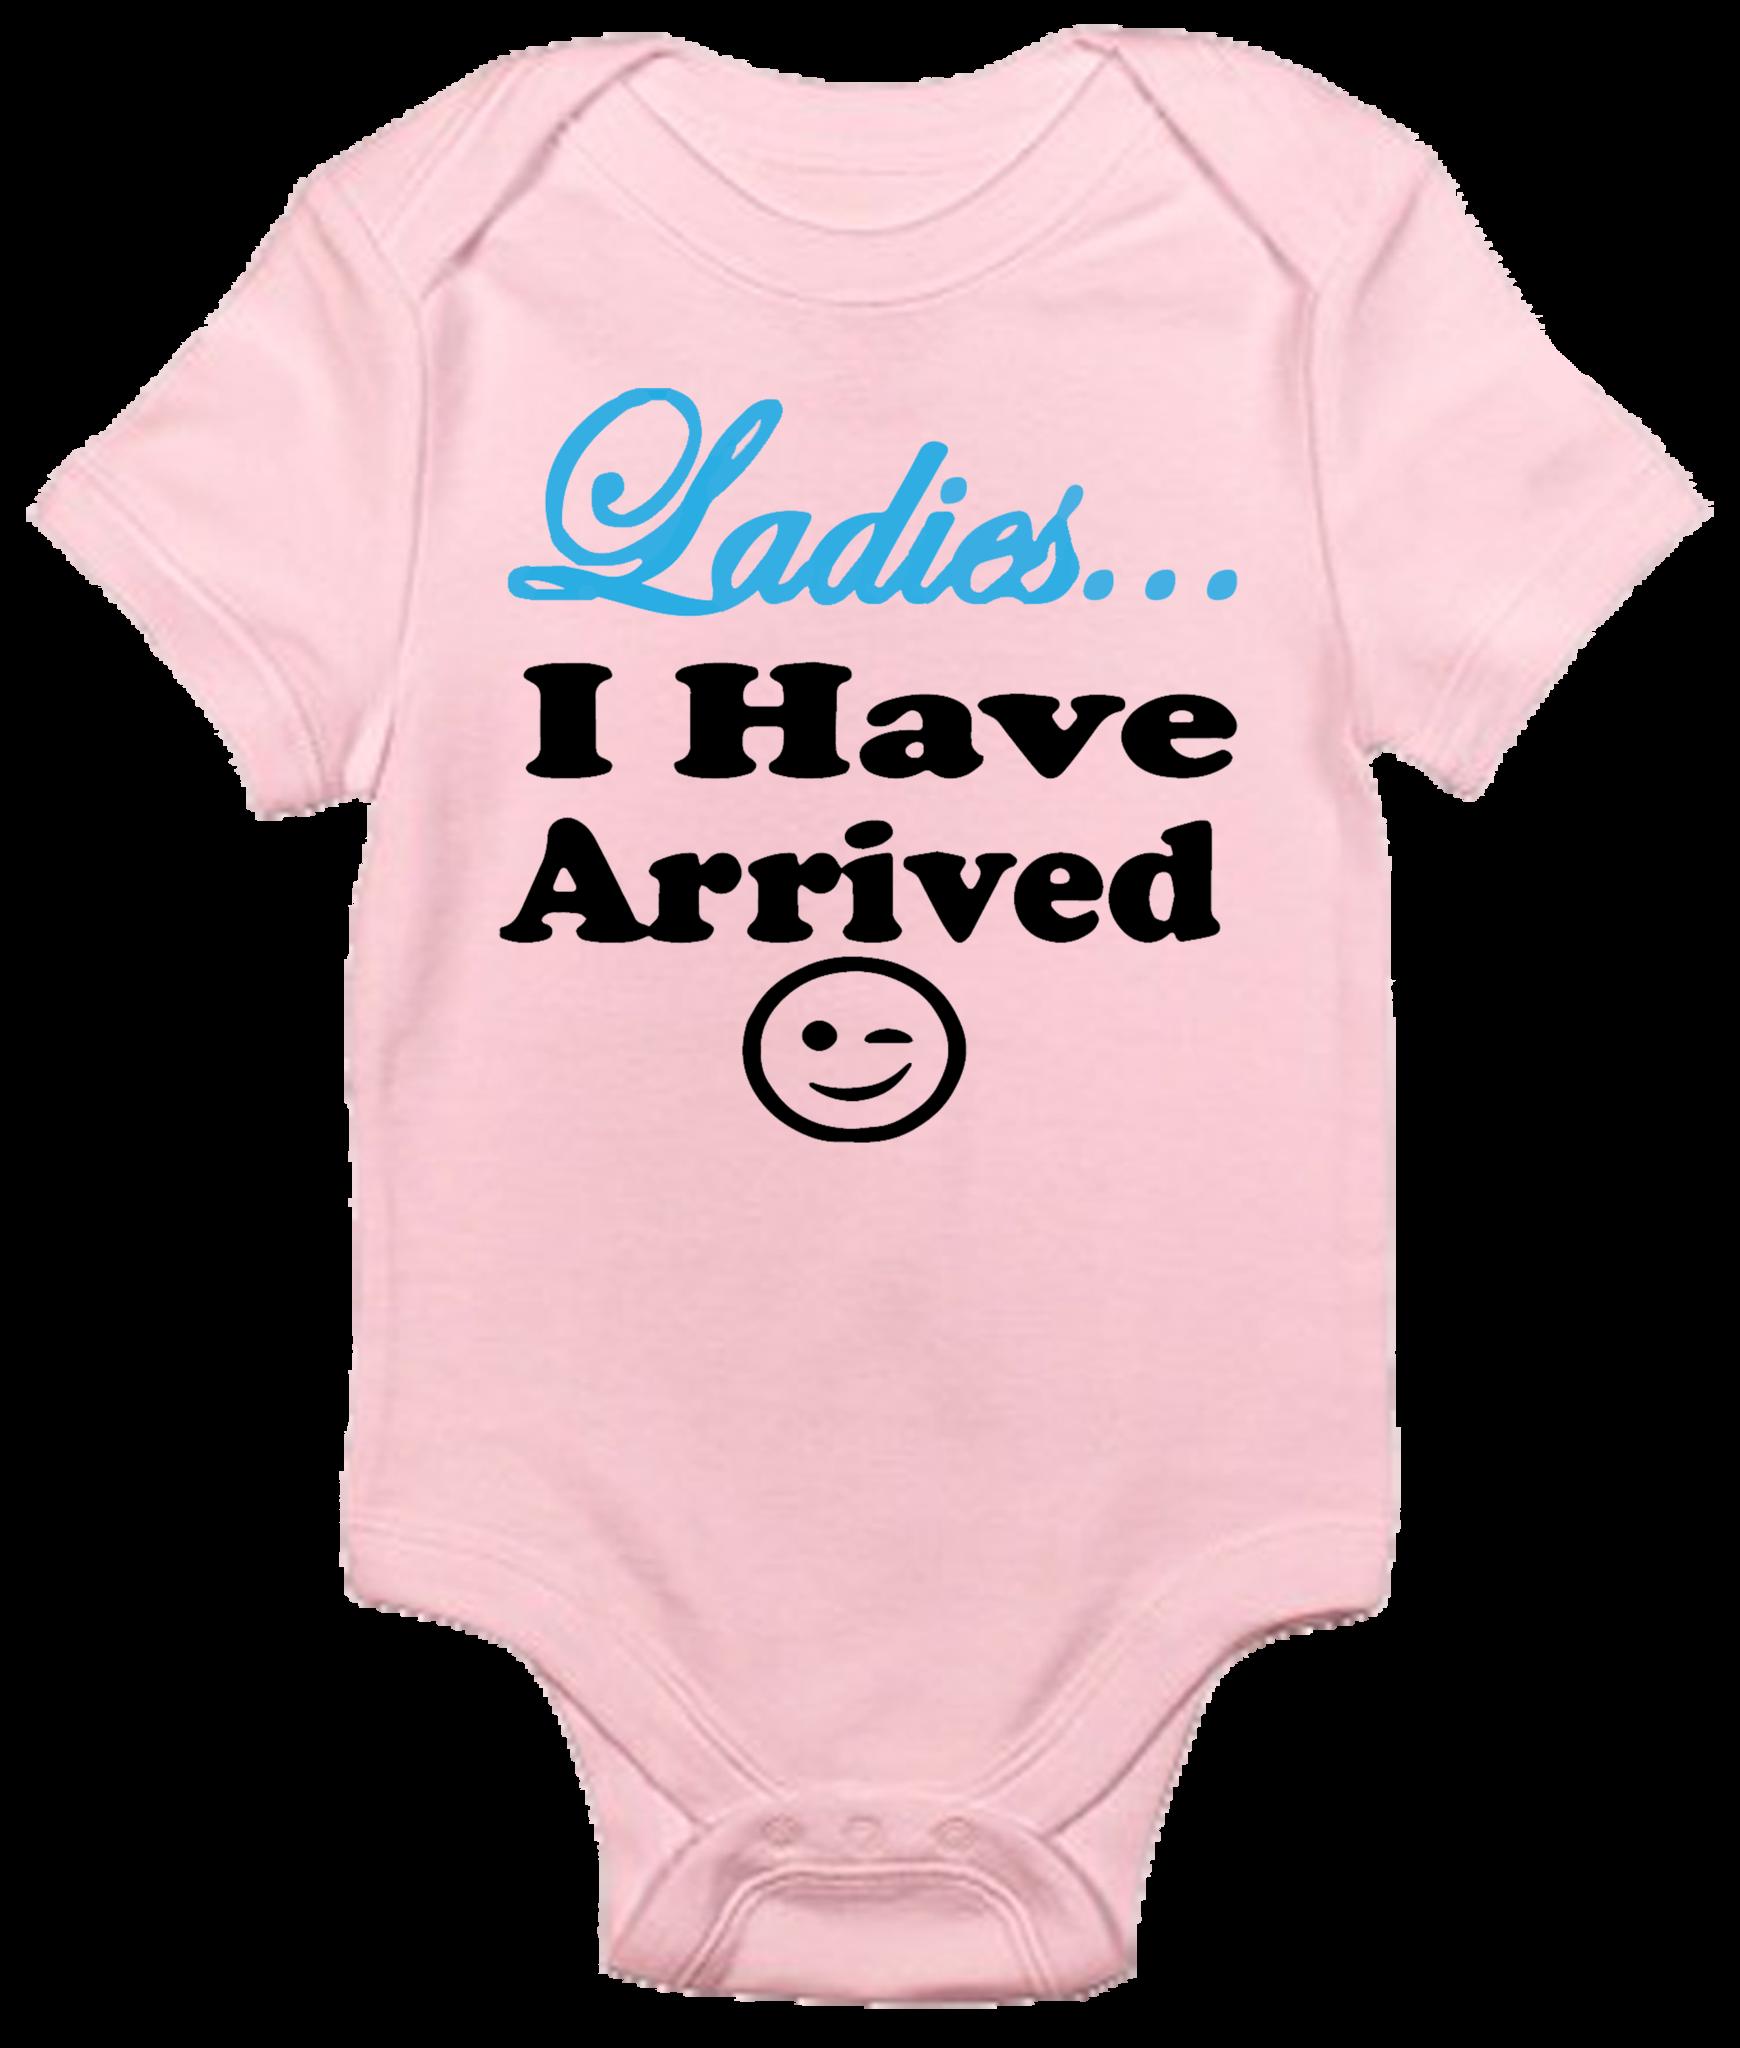 Baby Bodysuit La s I Have Arrived